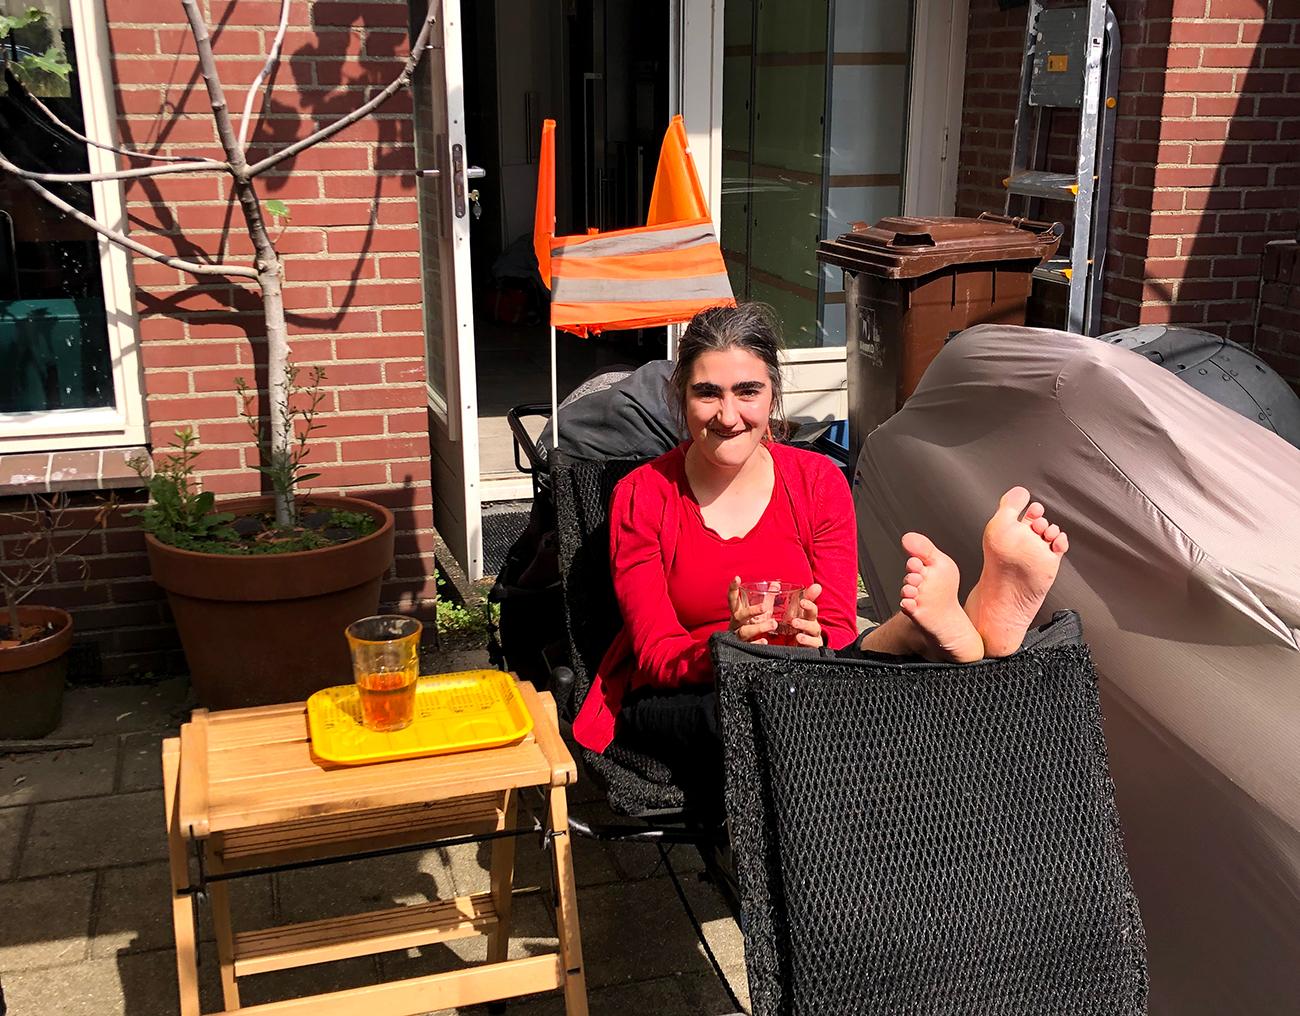 Een foto van Anemoon in de zon op haar ligfietstandem. Ze zit op de achterste stoel, heeft een kopje thee vast en heeft haar blote voeten op de rug van de voorste stoel gelegd.